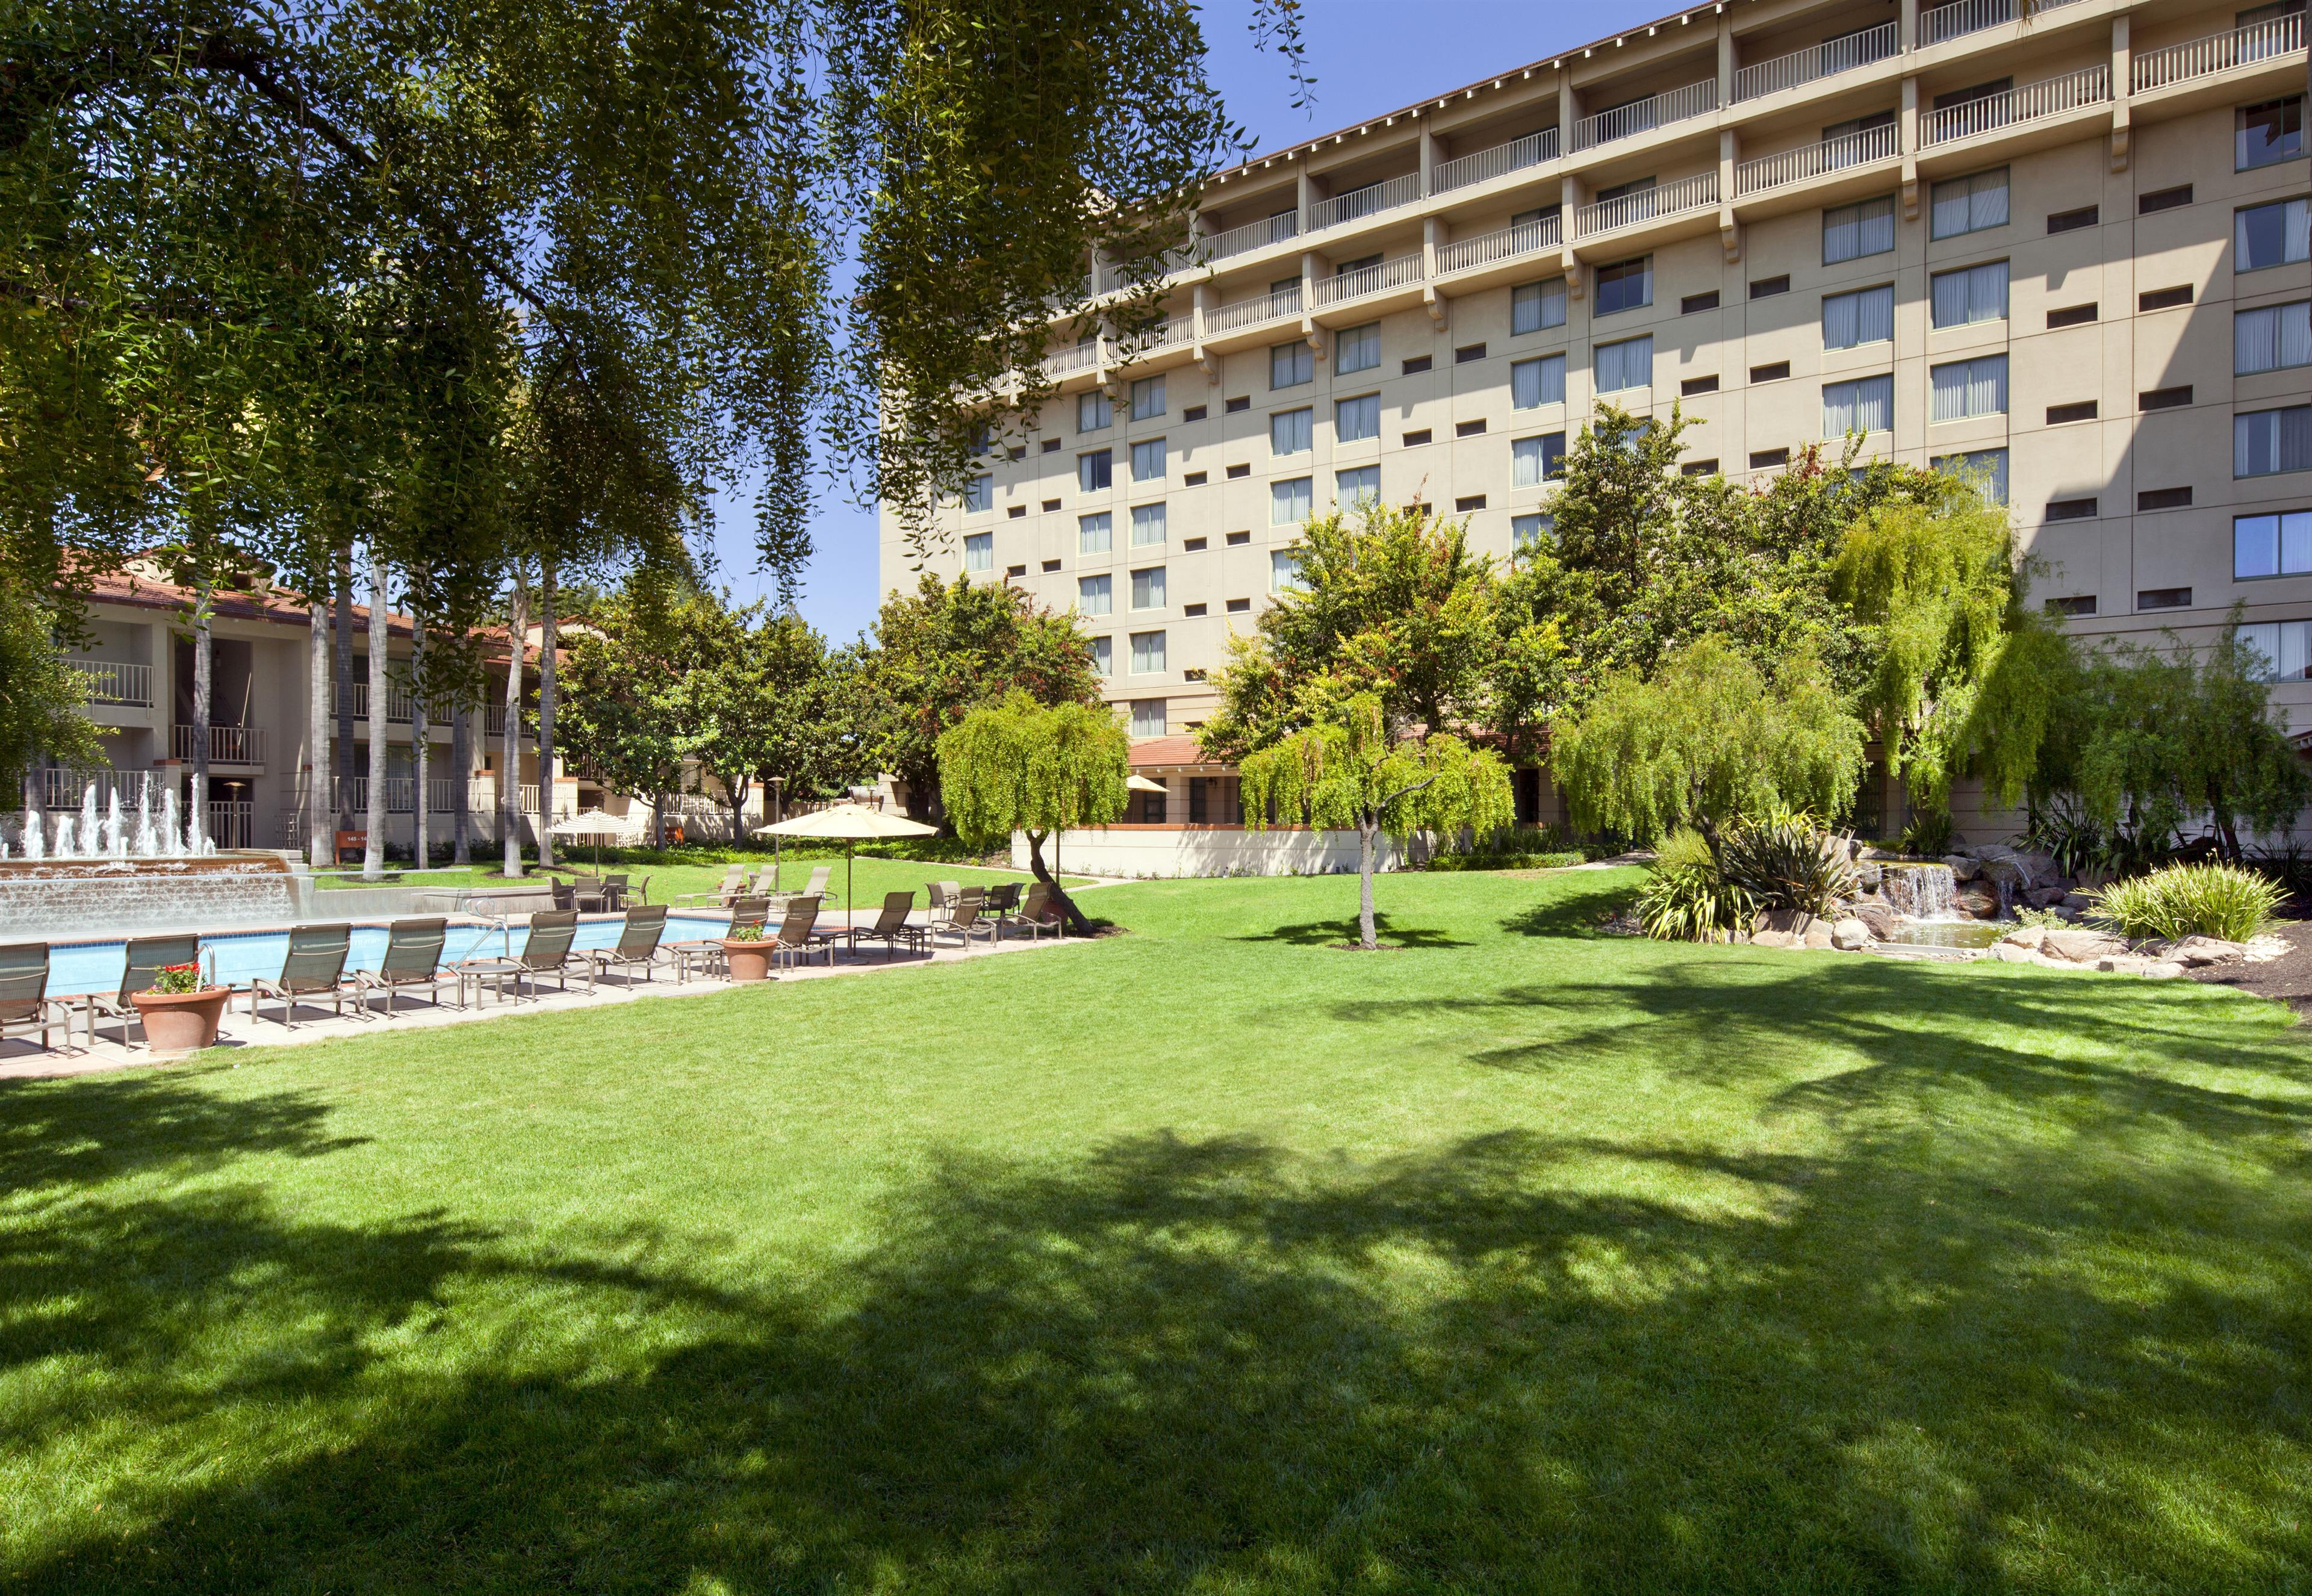 Sheraton San Jose Hotel image 7